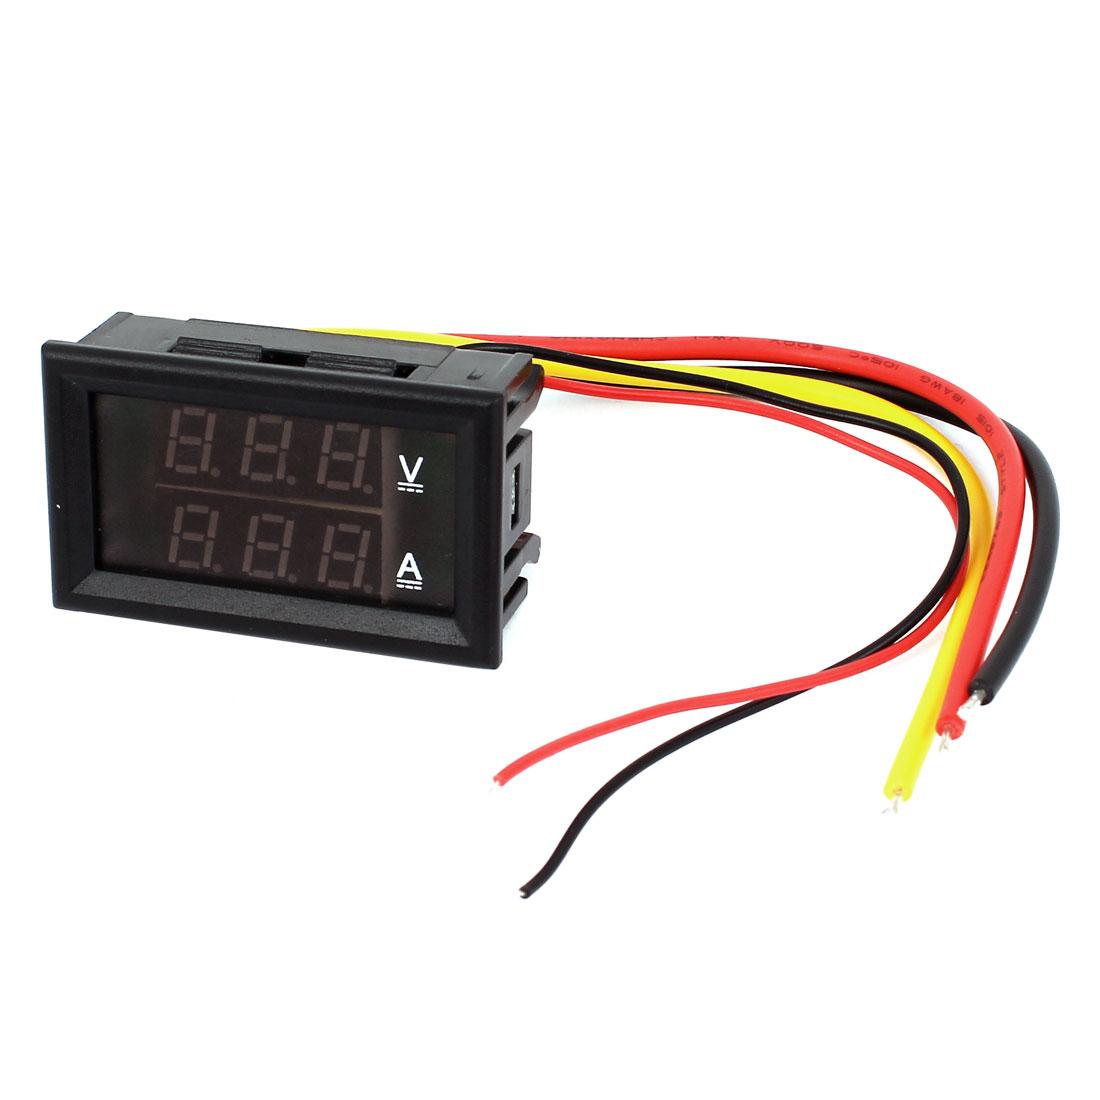 DC 0-100V 0-10A Red Blue 7-Segment 3-Bit LED Dual Display Ammeter Voltmeter